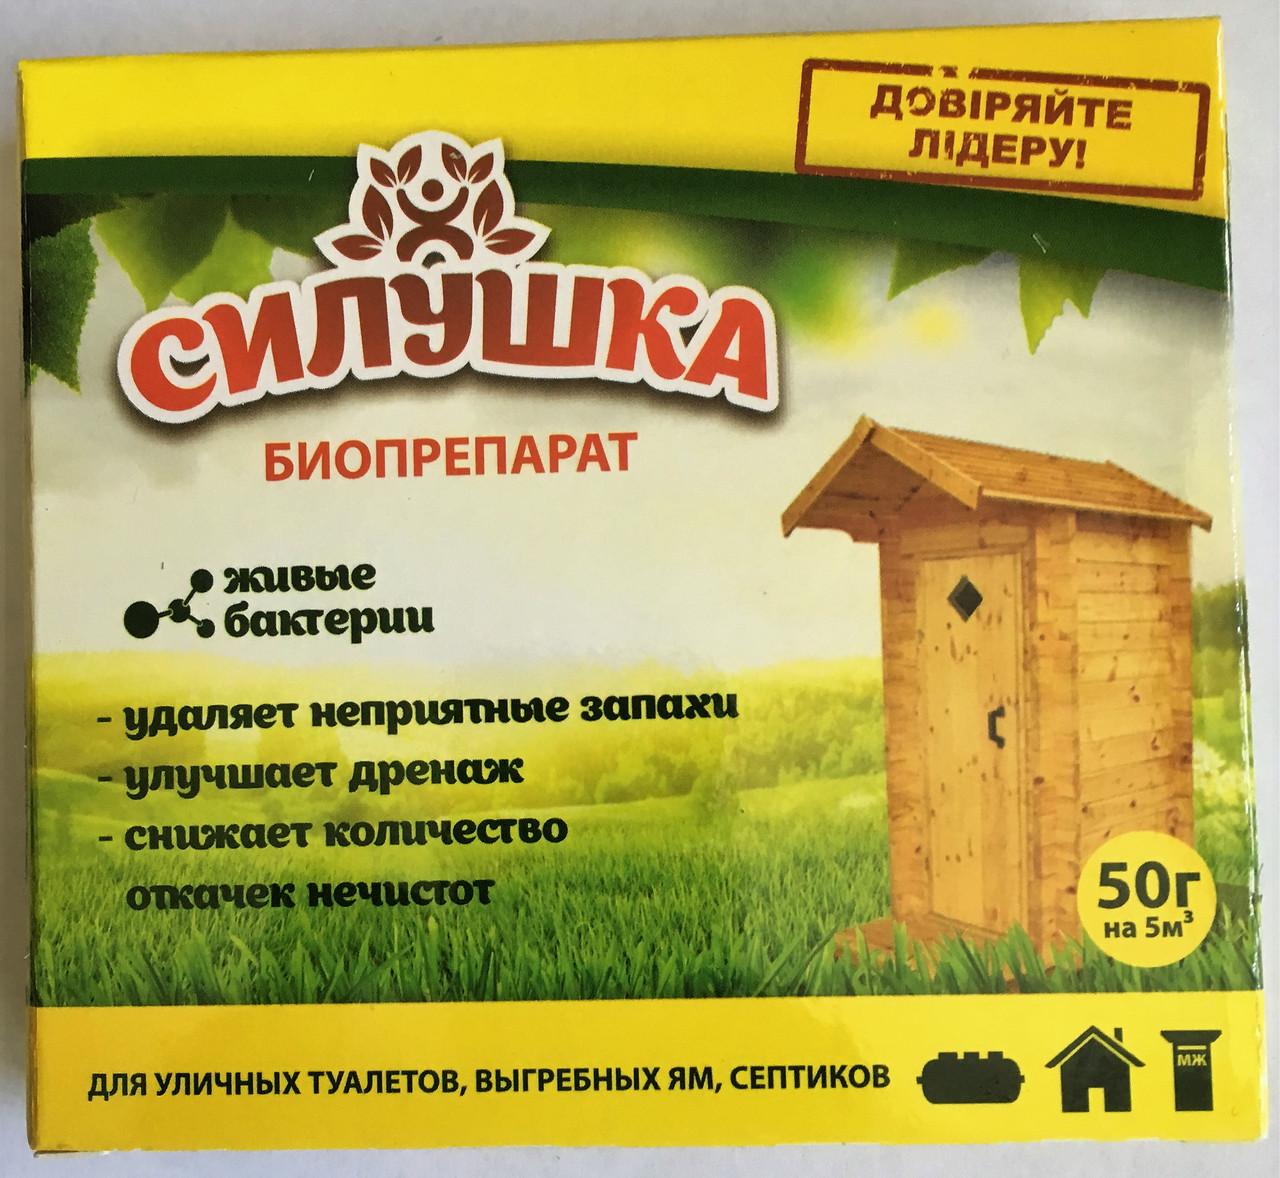 Биопрепарат Силушка, 50 г — для уличных туалетов, выгребных ям, септиков